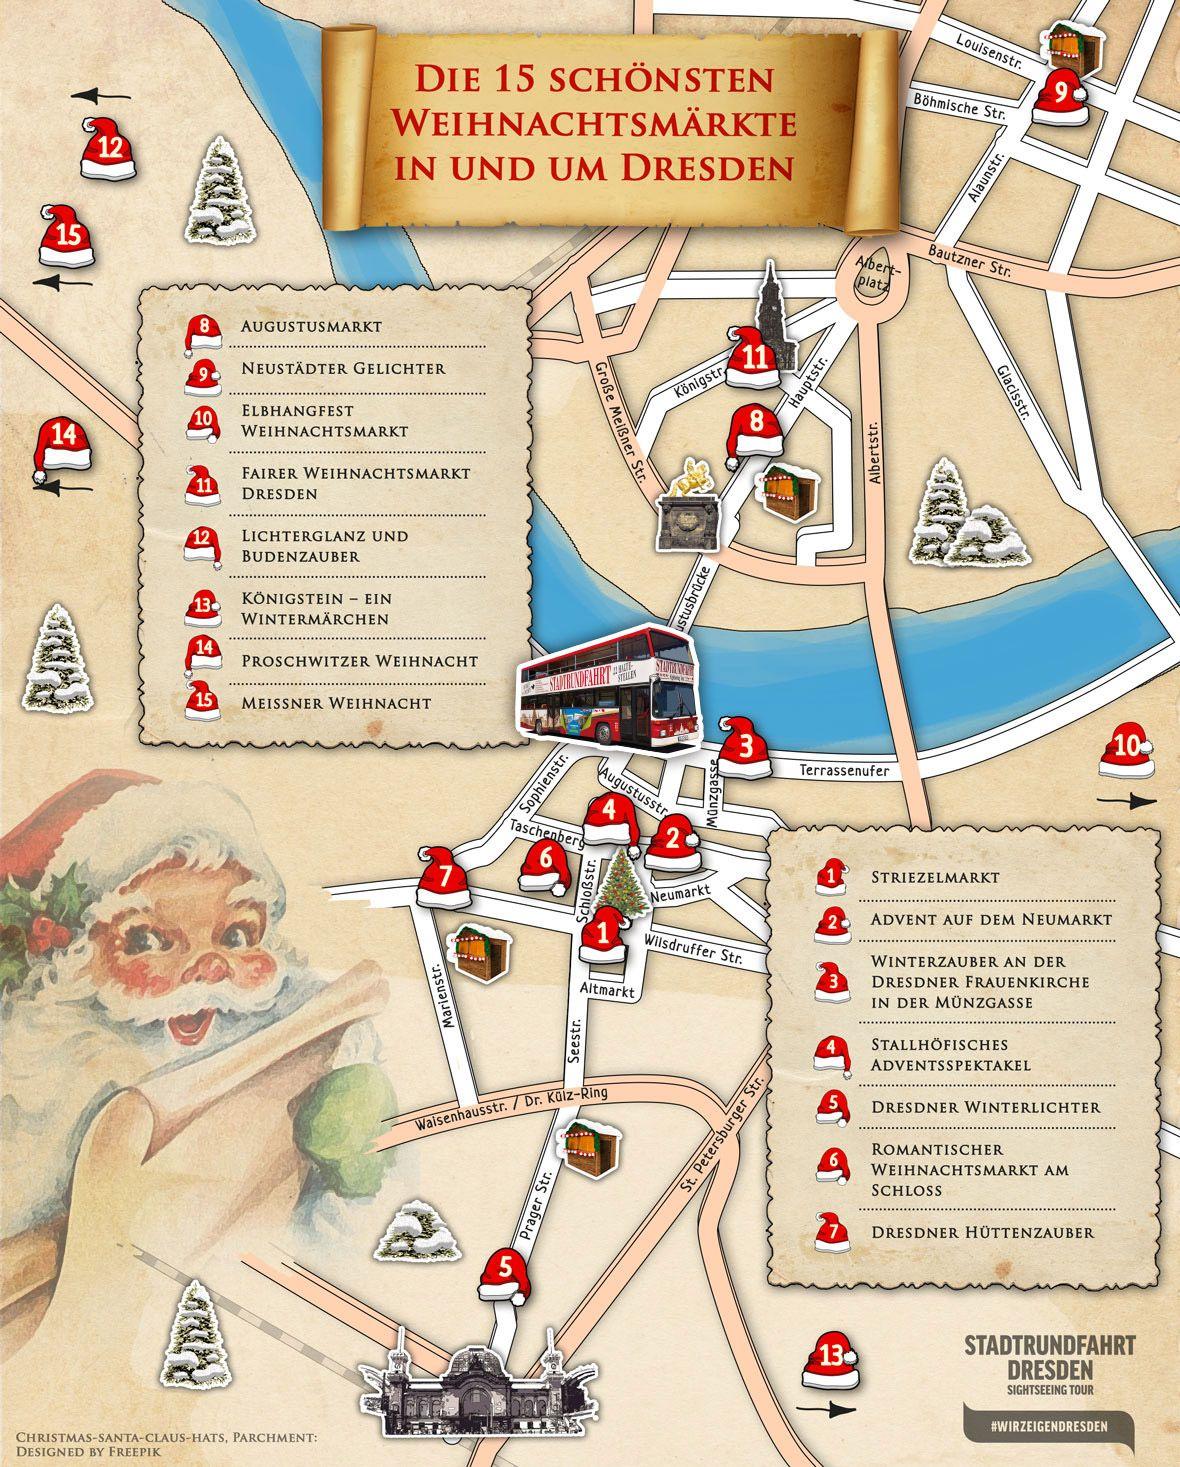 Die 15 Schonsten Weihnachtsmarkte In Und Um Dresden Weihnachtsmarkt Dresden Dresden Weihnachtsmarkt